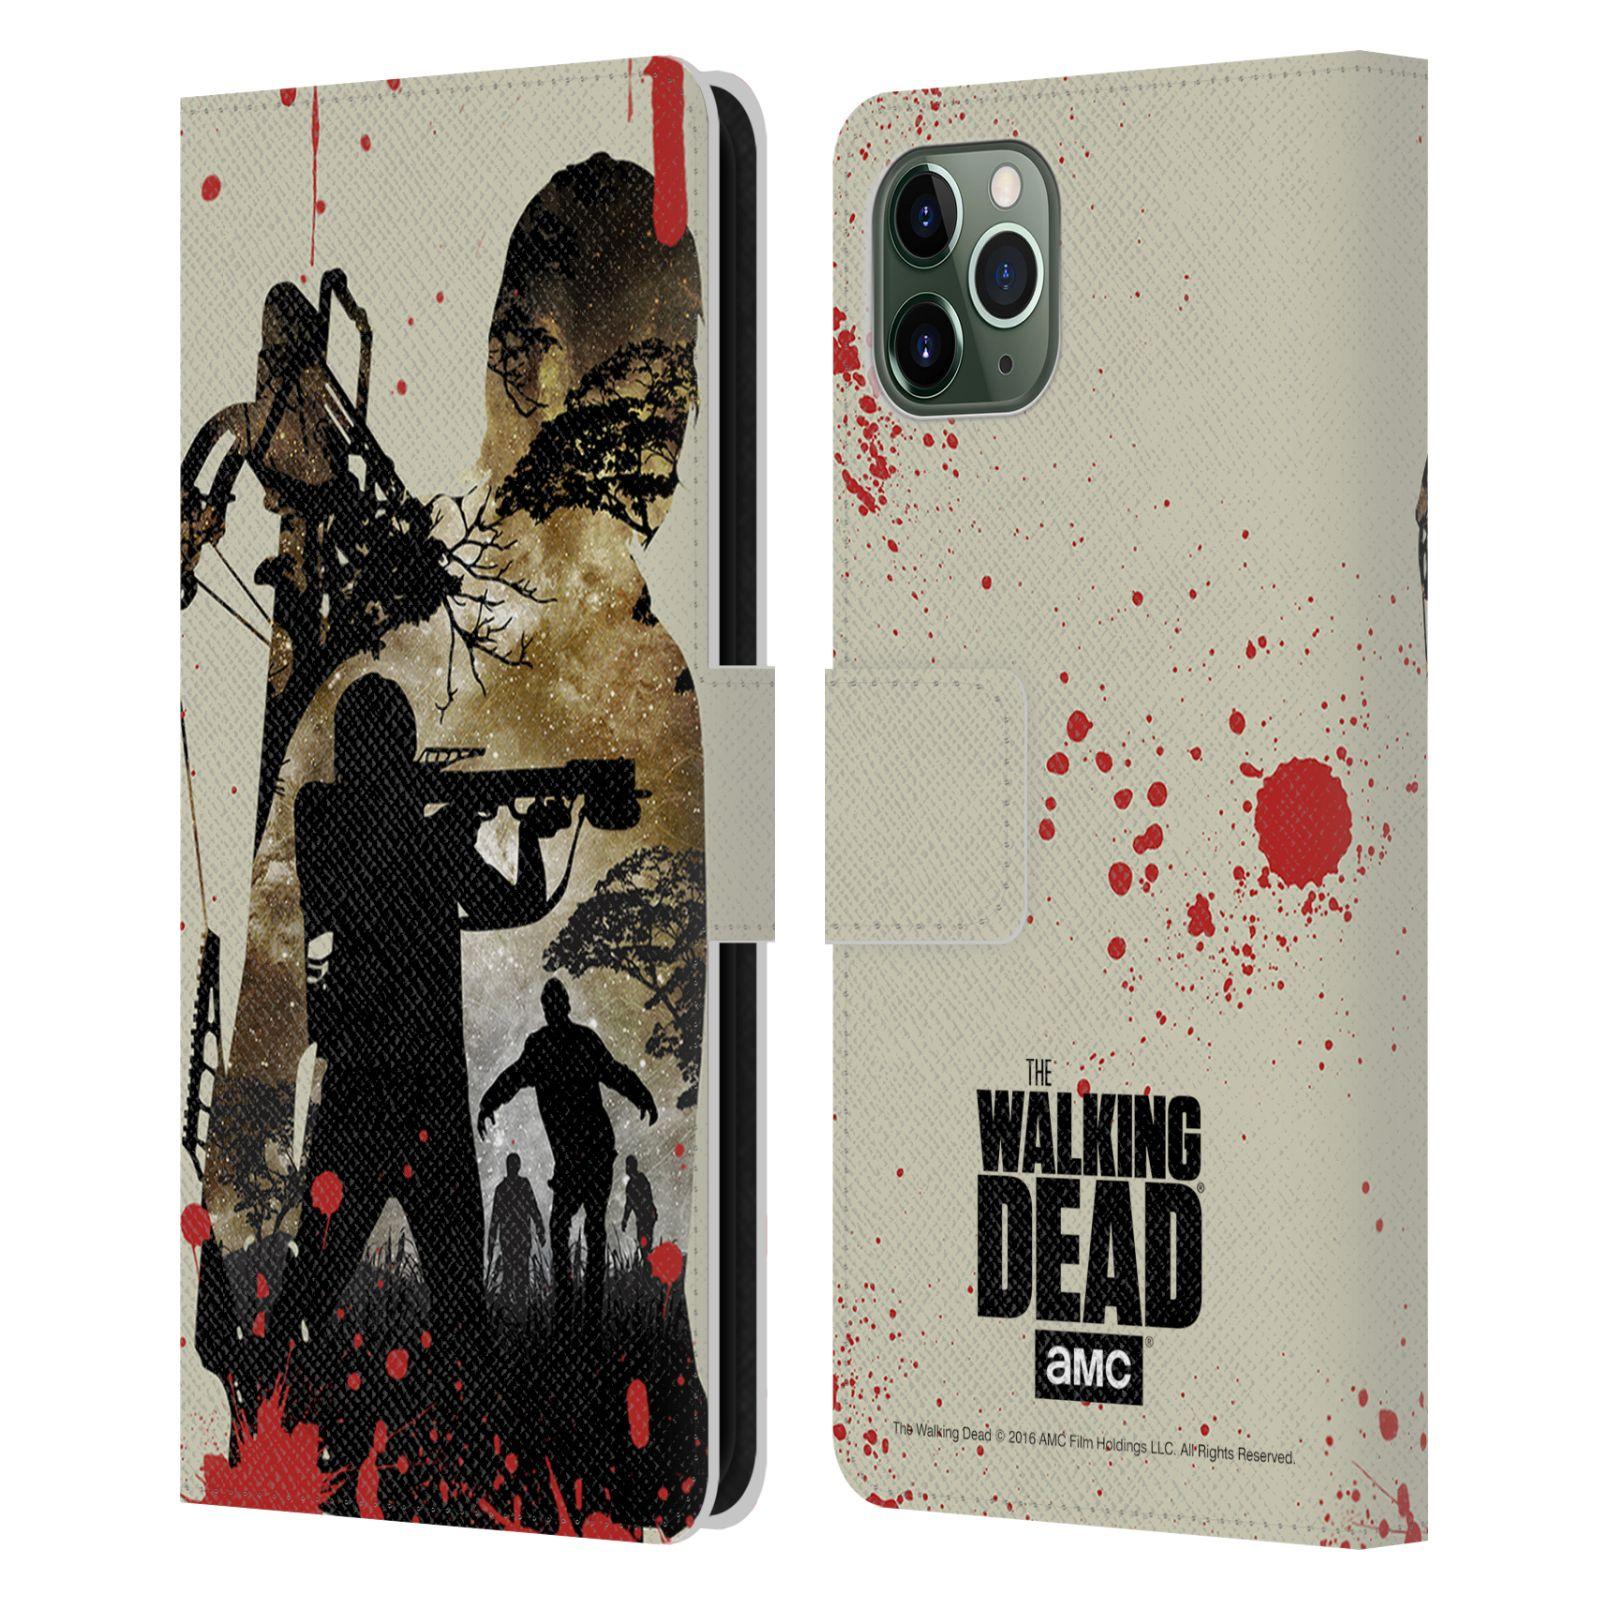 スマートフォン・携帯電話アクセサリー, ケース・カバー AMC The Walking Dead Apple iPhone